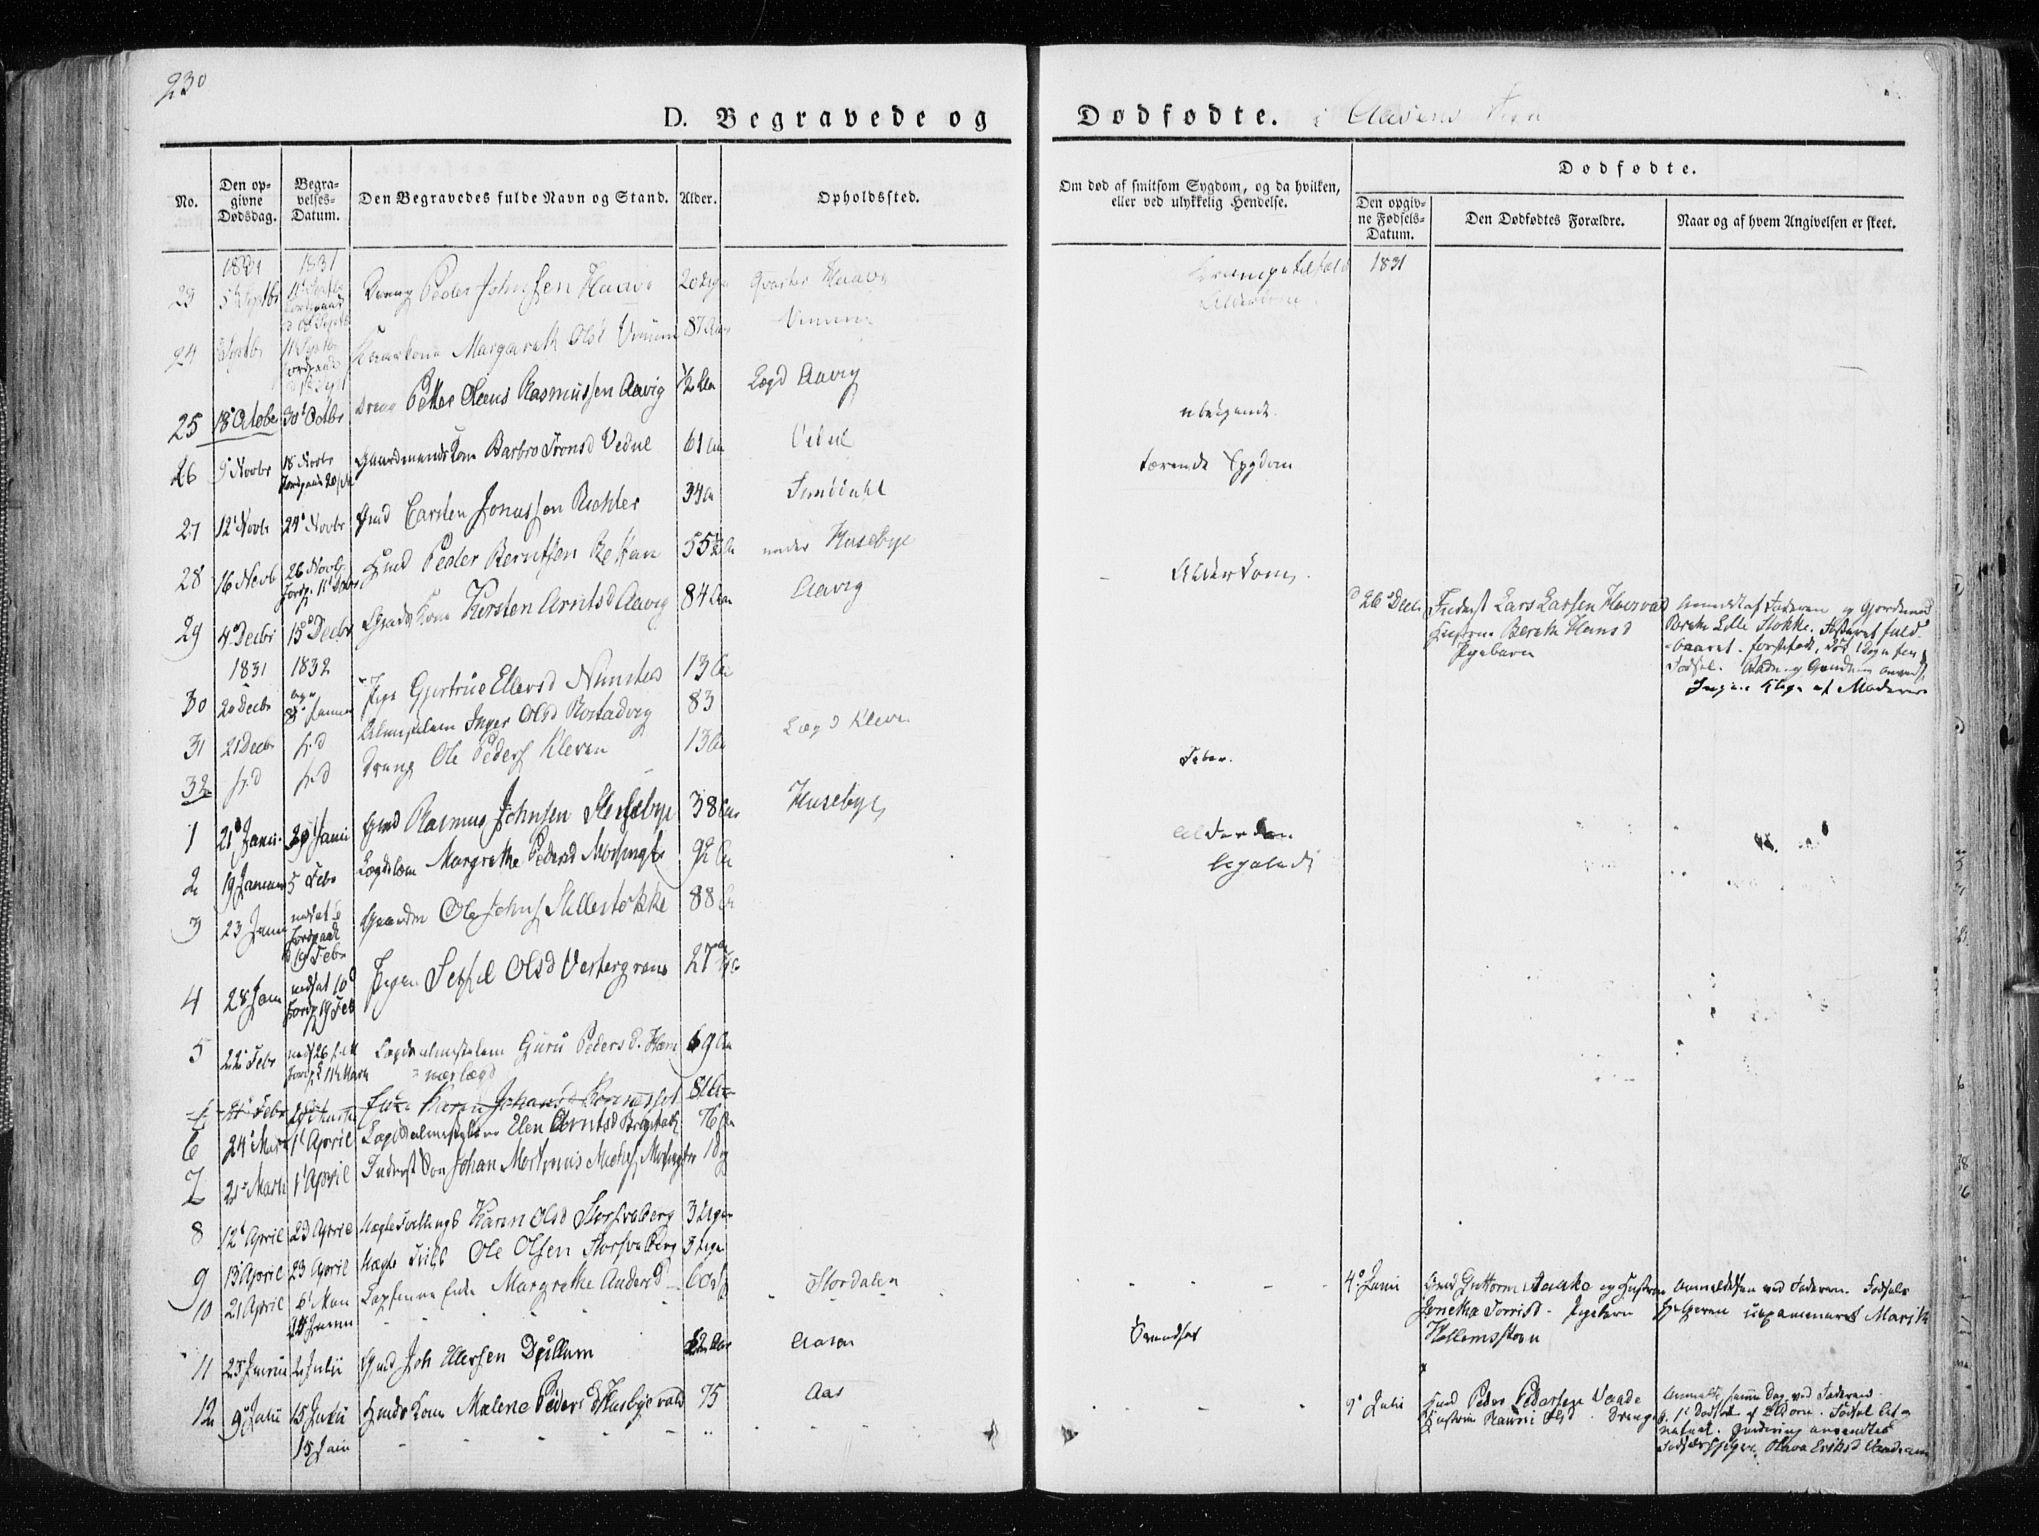 SAT, Ministerialprotokoller, klokkerbøker og fødselsregistre - Nord-Trøndelag, 713/L0114: Ministerialbok nr. 713A05, 1827-1839, s. 230